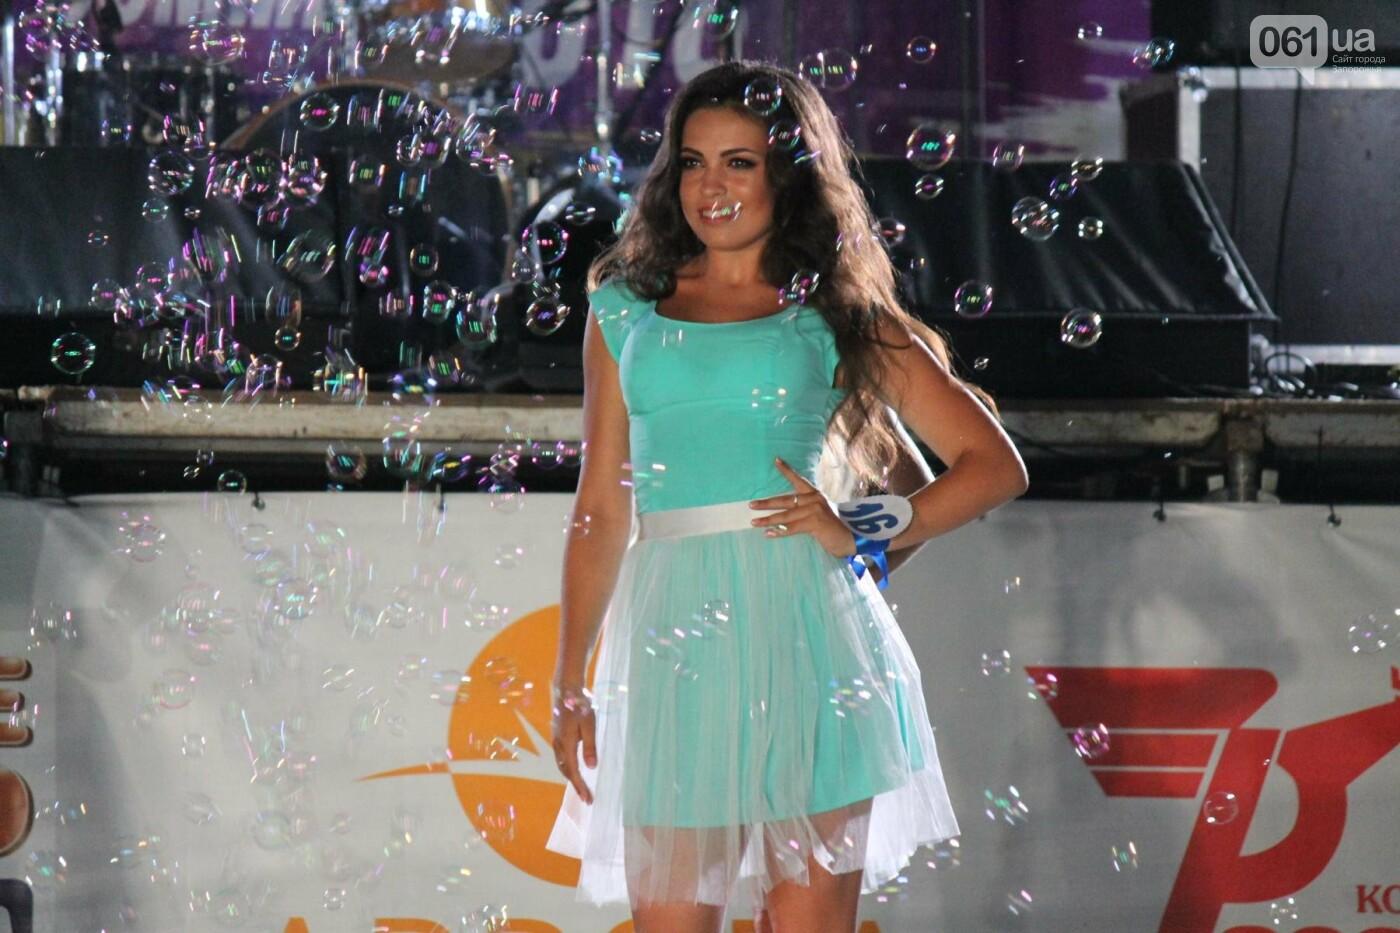 «Miss AVRORA Summer 2018»: в Запорожье на конкурсе красоты выбрали самую красивую девушку, – ФОТОРЕПОРТАЖ, фото-12